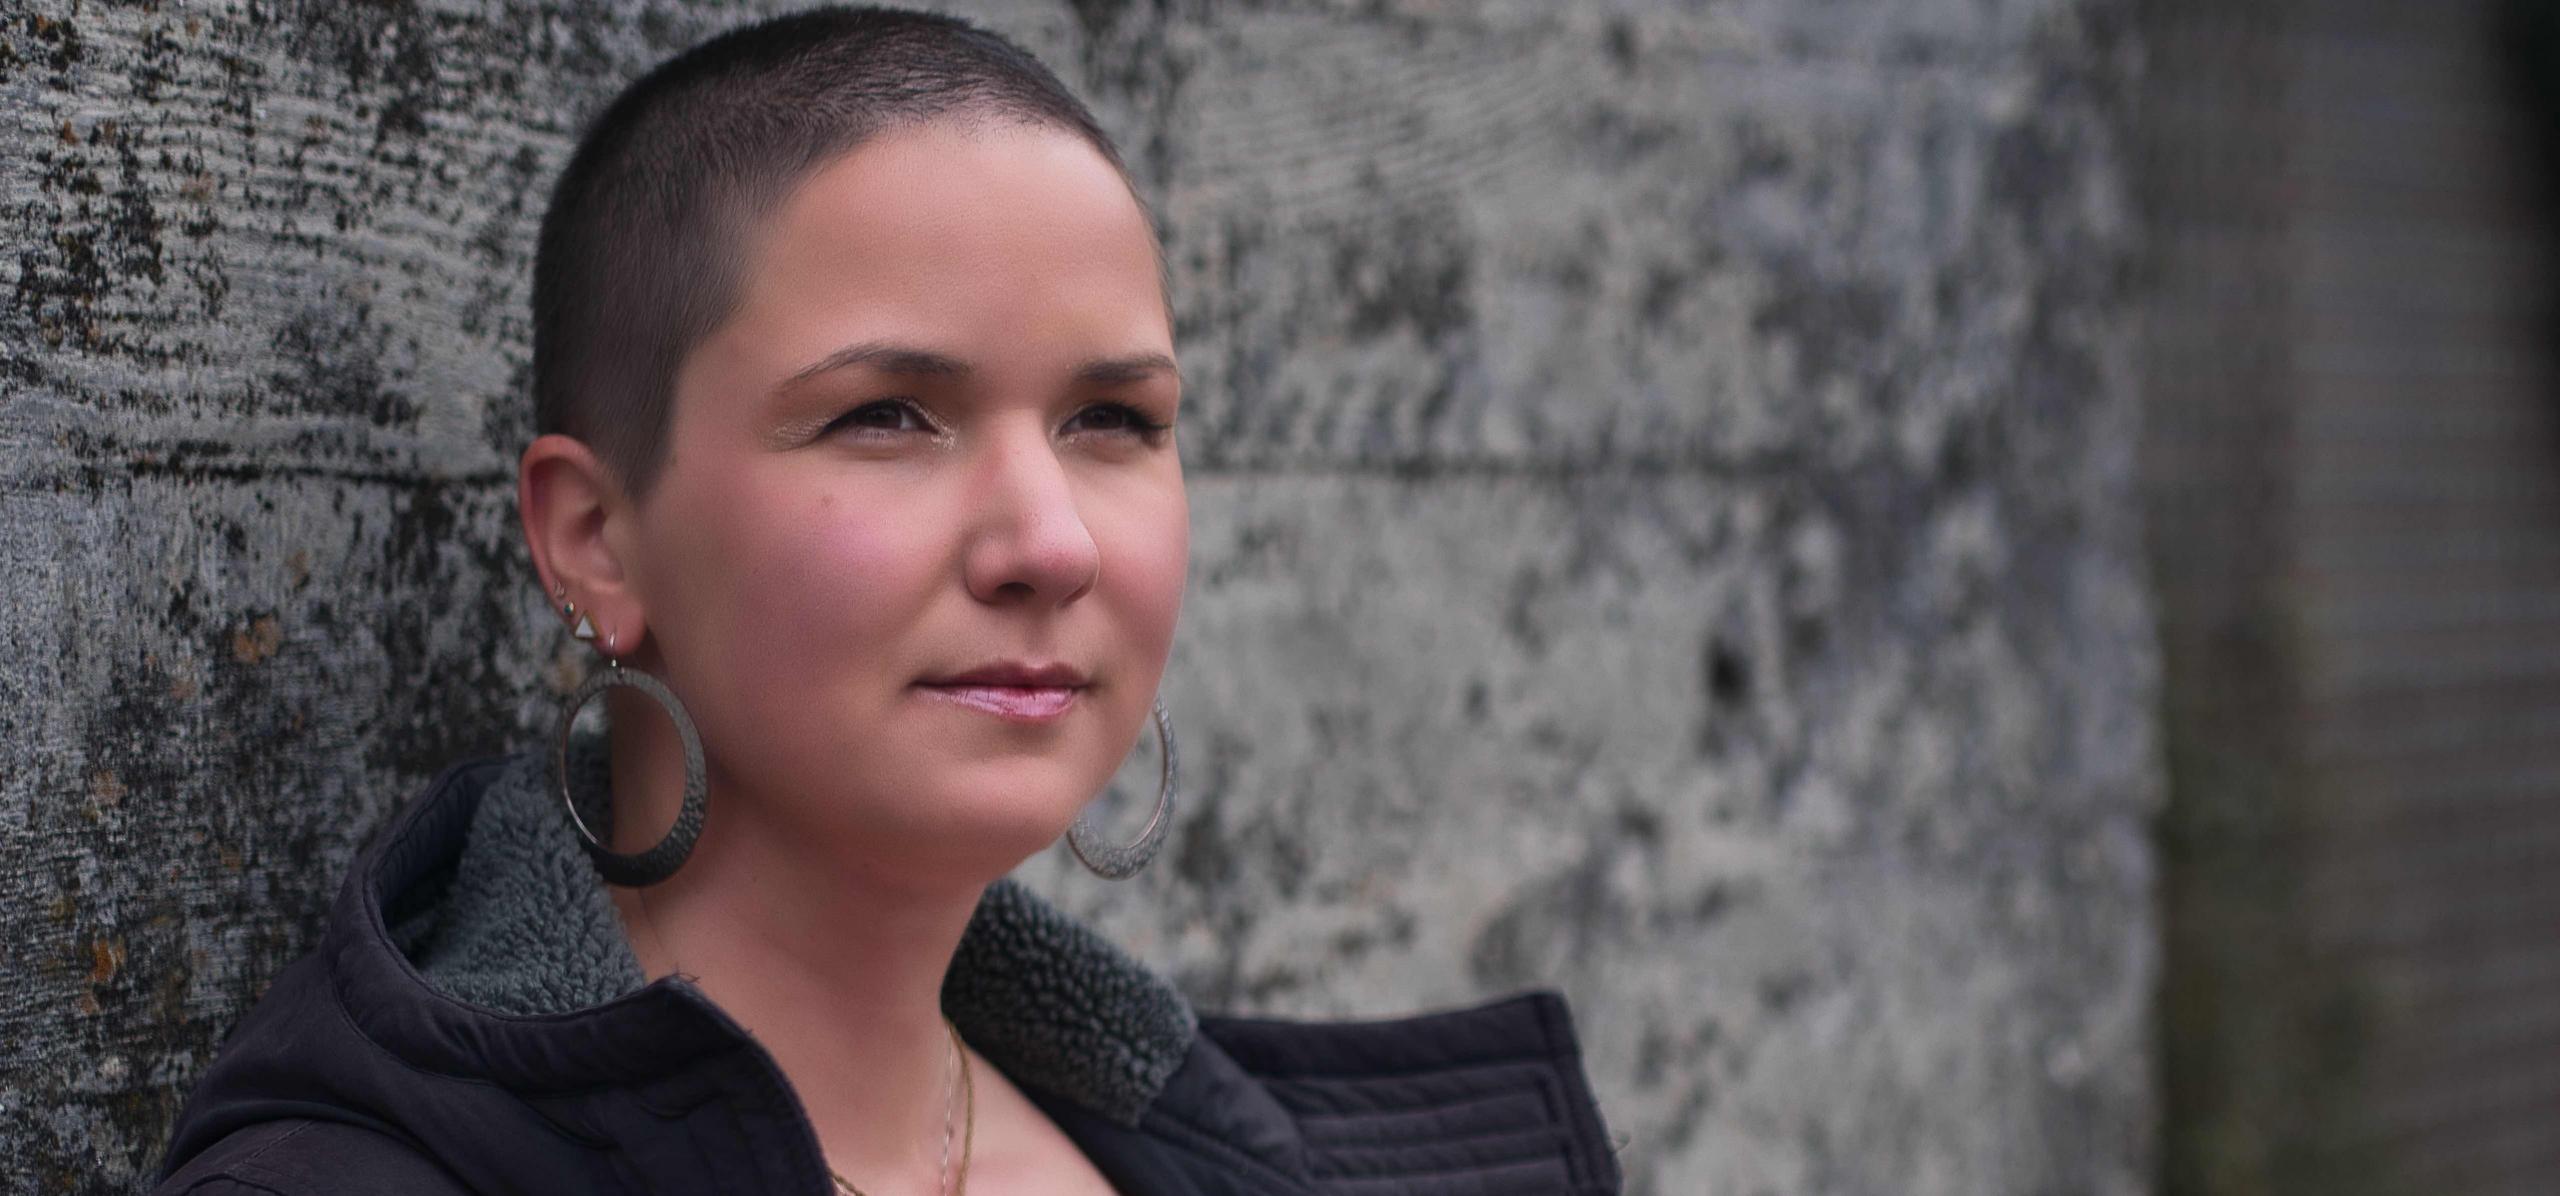 Karina, eine Frau mit rasierten, braunen Haaren steht an einer grauen Wand. Sie trägt große, runde Ohrringe.